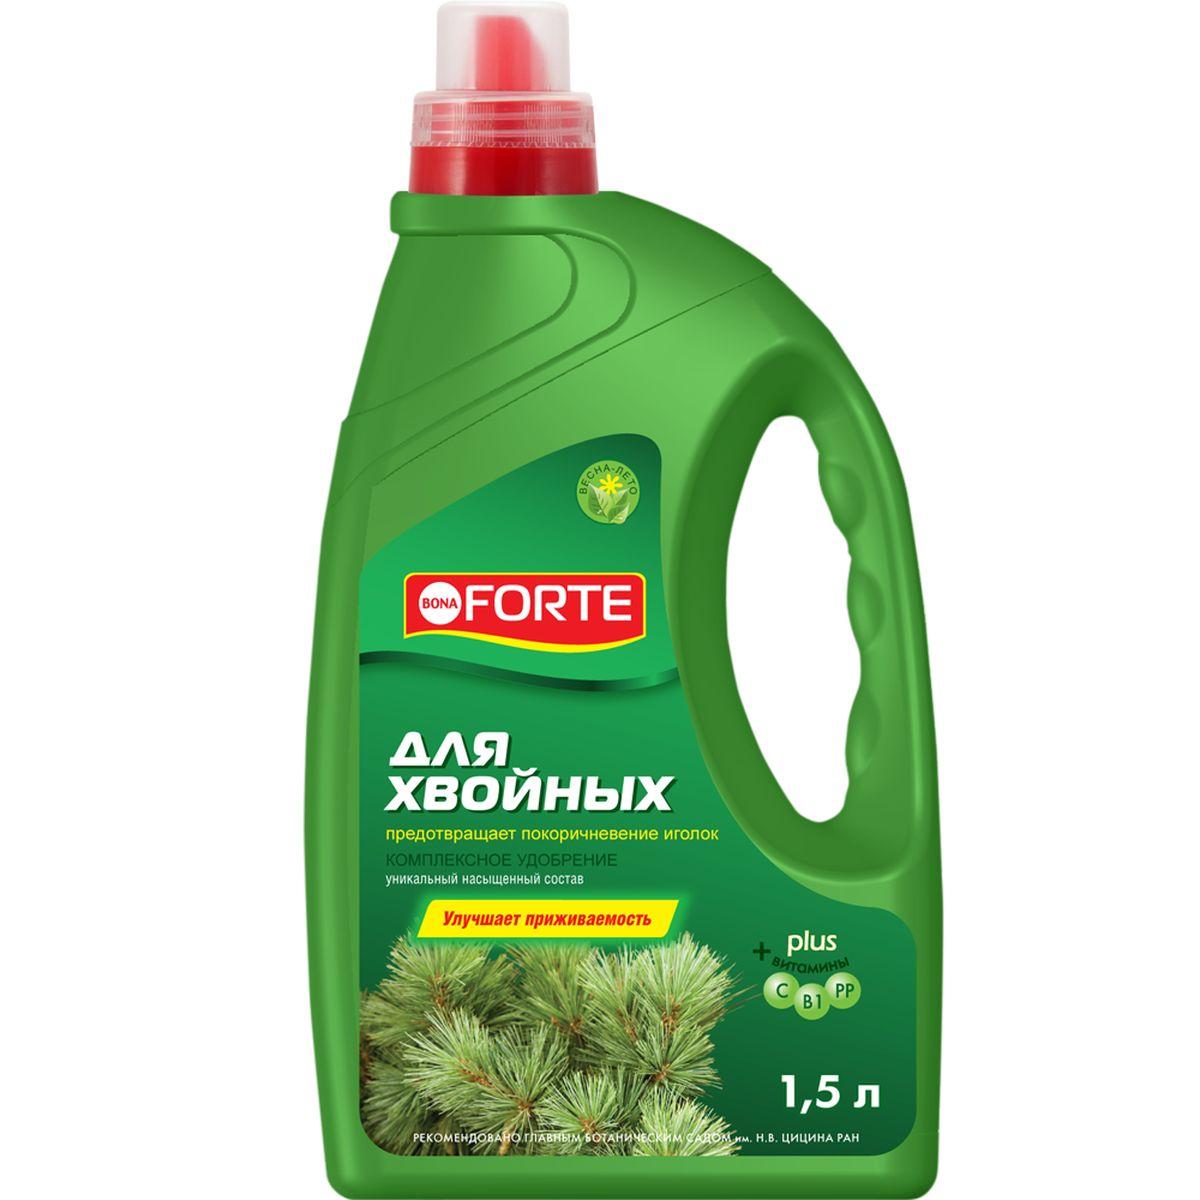 Жидкое комплексное удобрение Bona Forte, для хвойных растений, 1,5 л